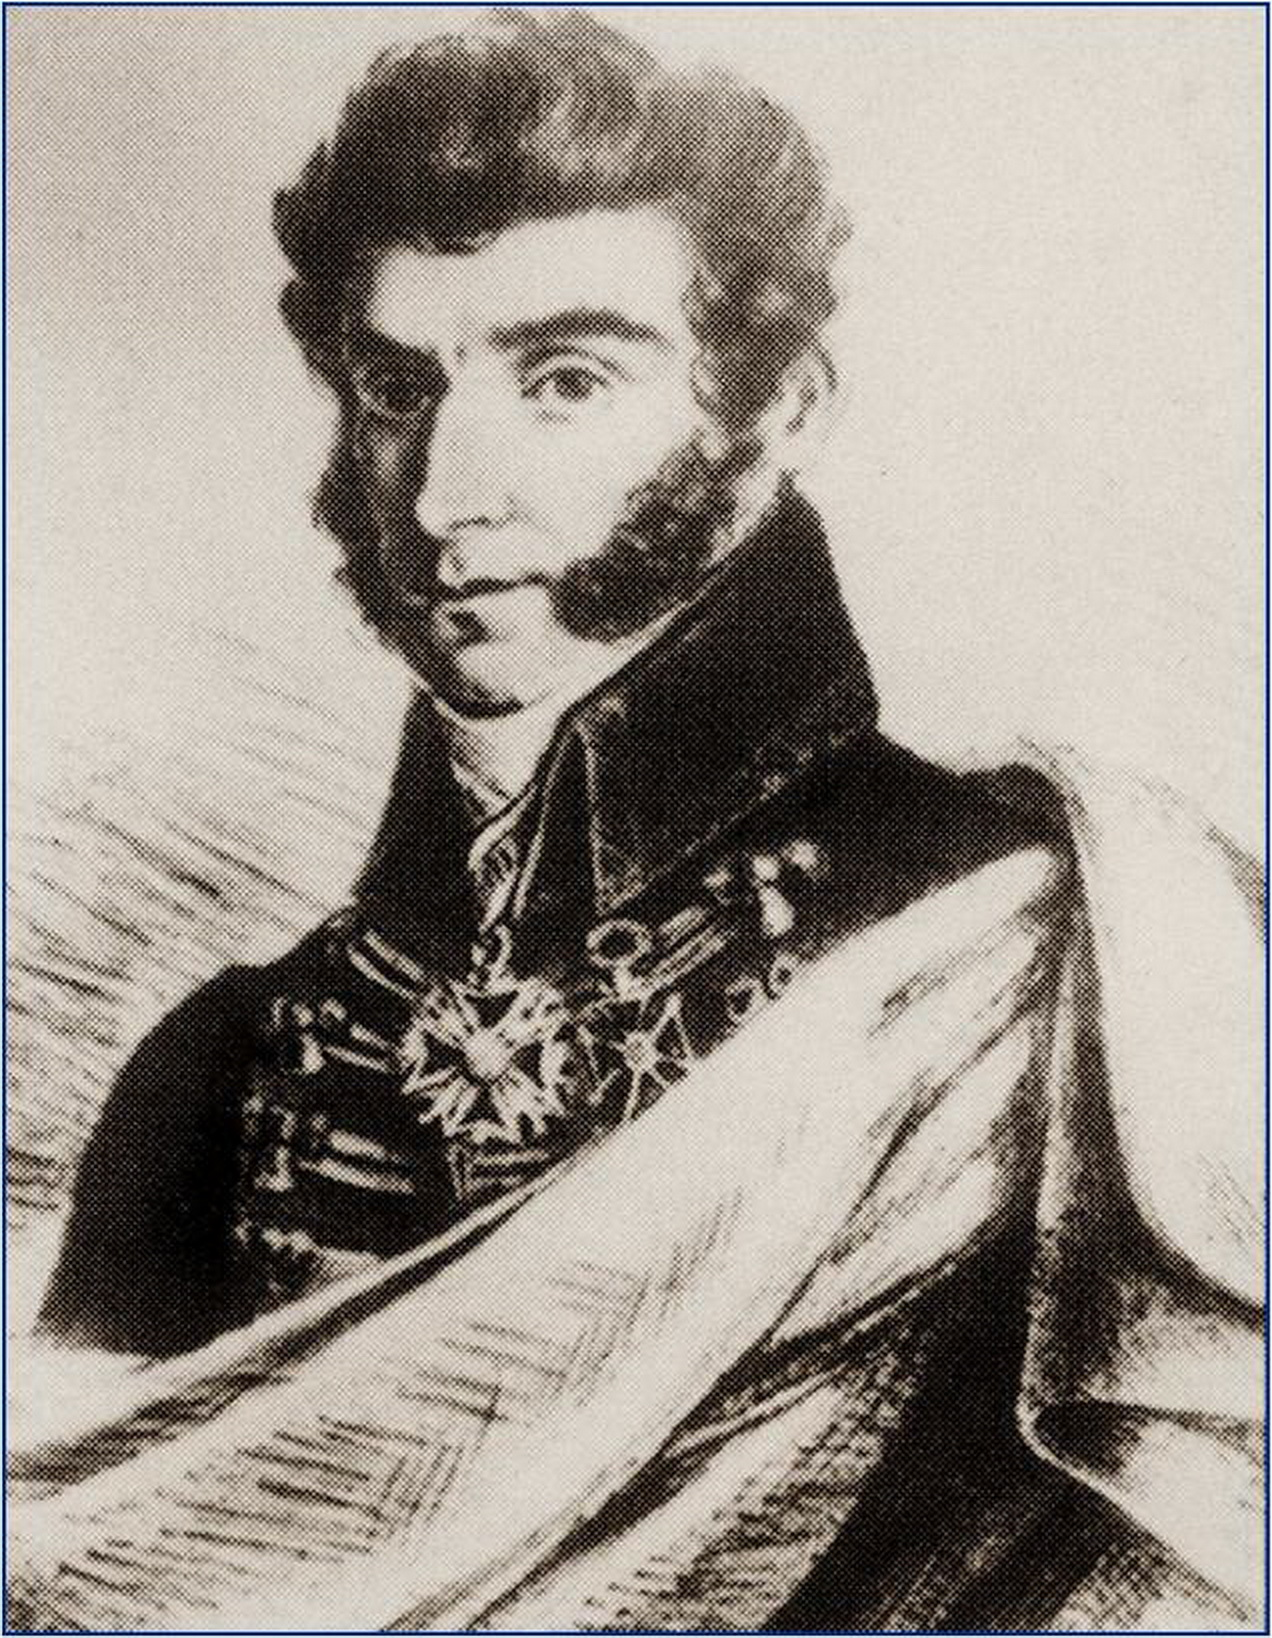 Karol Maciej Kaczkowski (17971867). Portret z czasów Powstania Listopadowego.